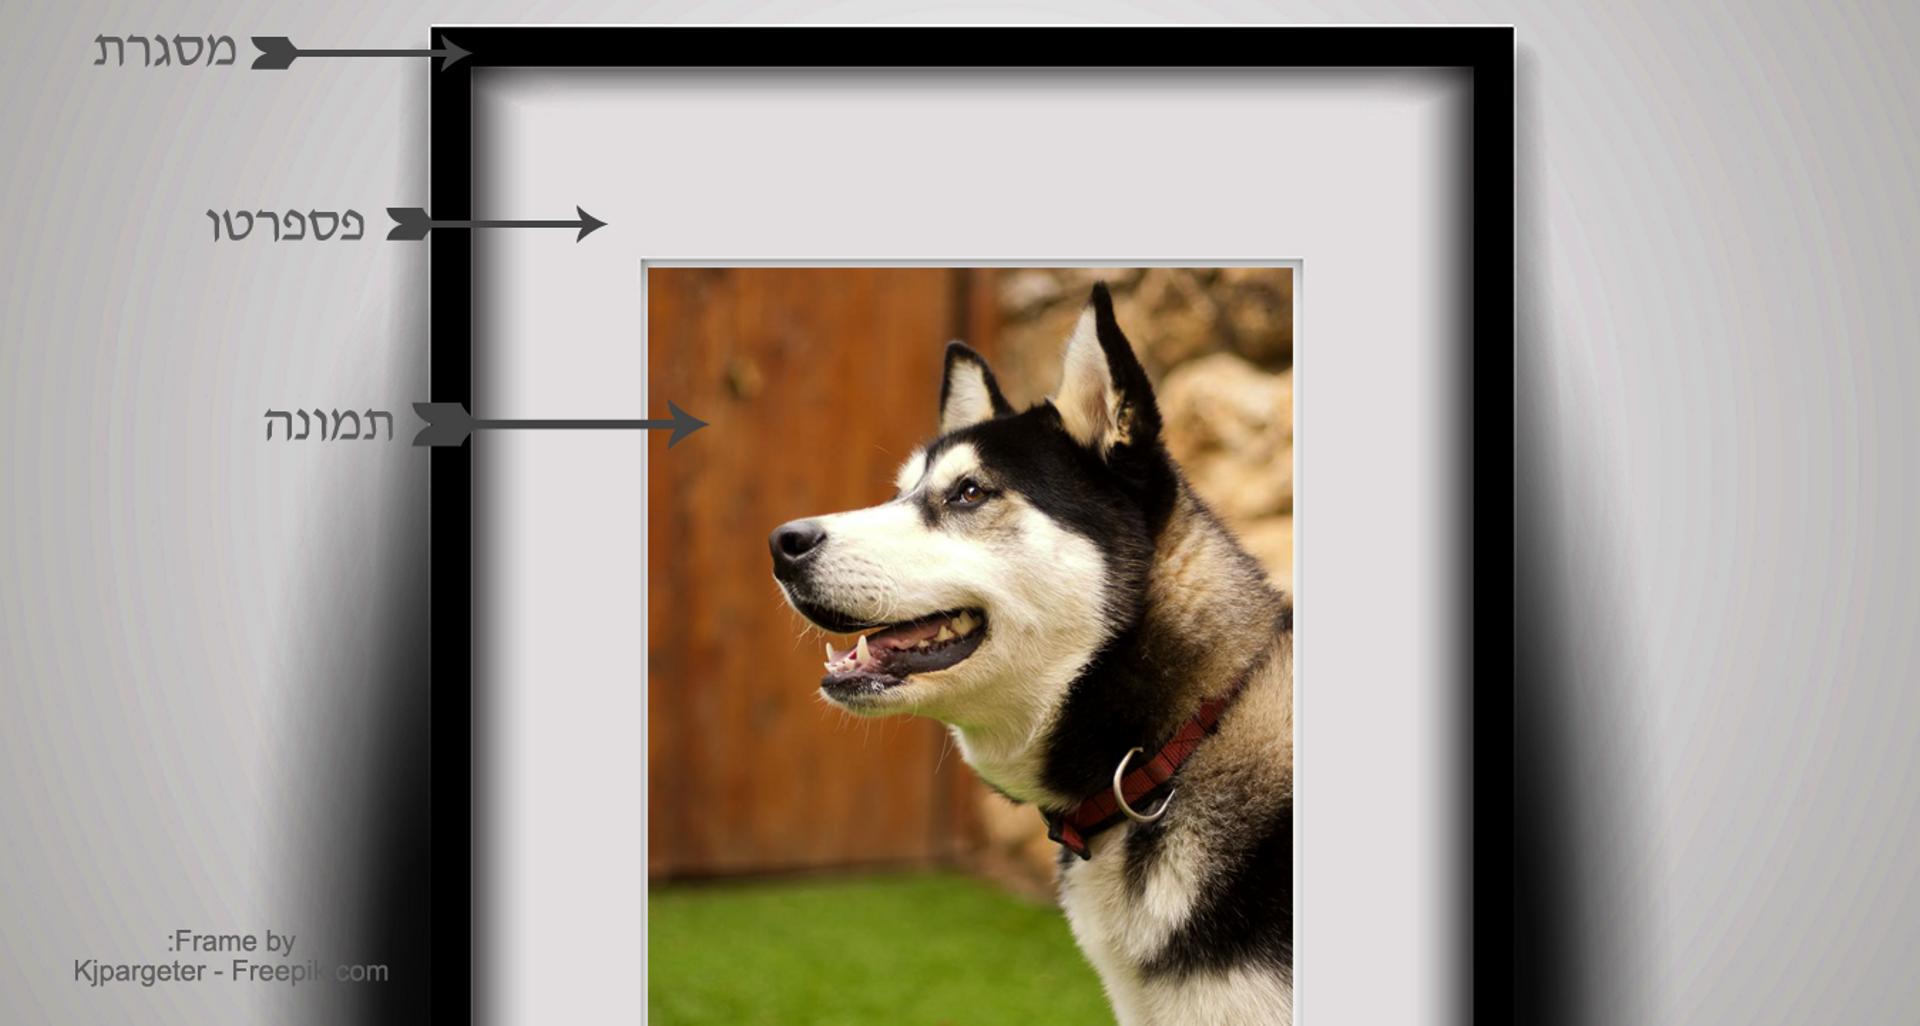 =מסגרת תמונה איכותית דגם FR9221, כולל הדפסת תמונה.